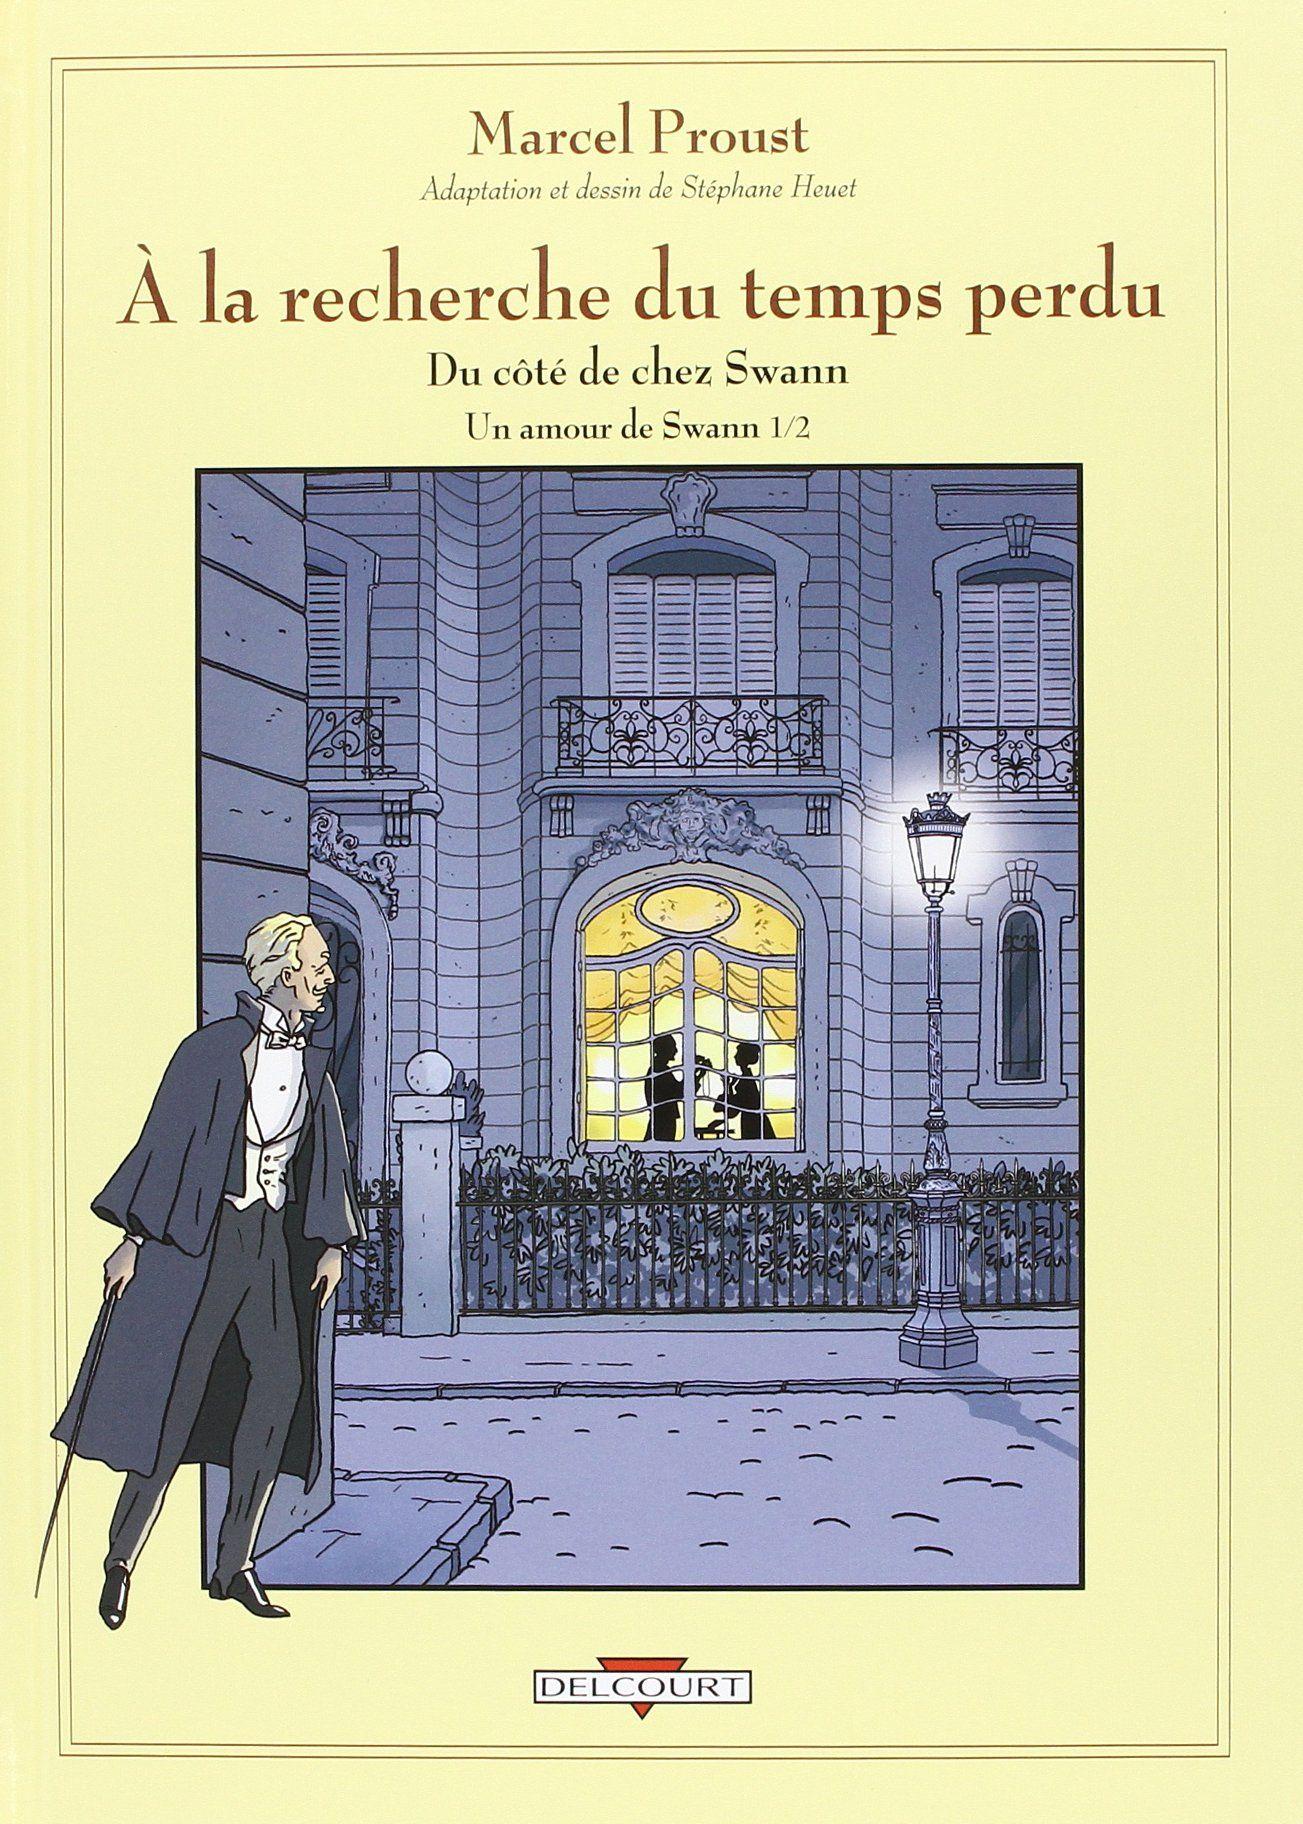 Première de couverture A la recherche du temps perdu adapté par Stéphane Heuet